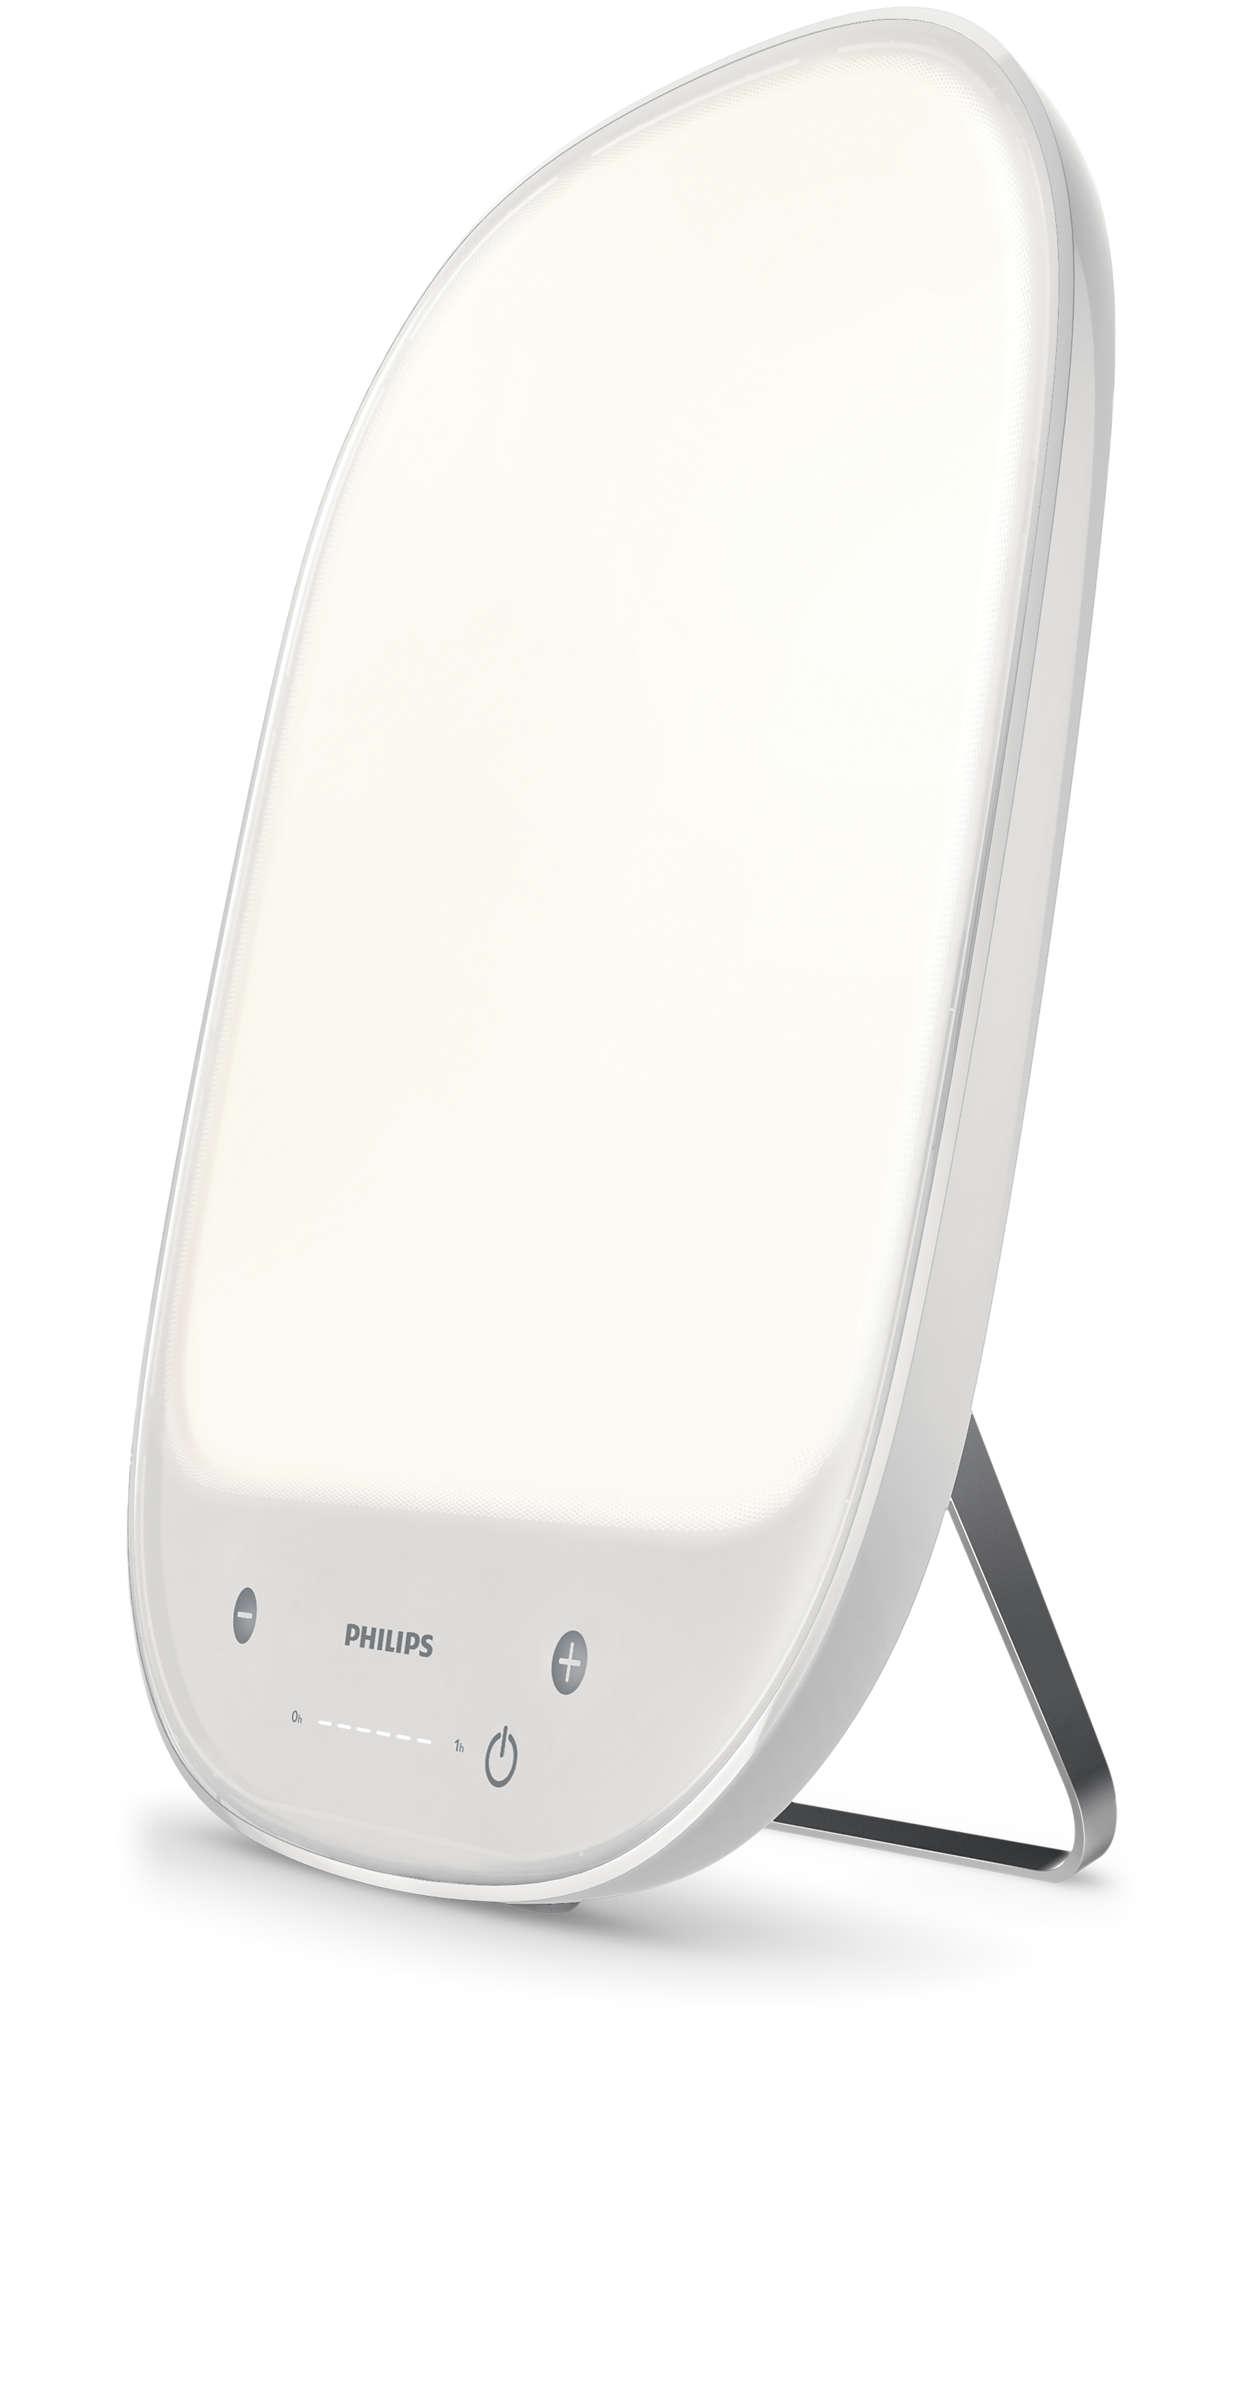 자연 빛 효과로 충전하는 건강한 에너지 테라피